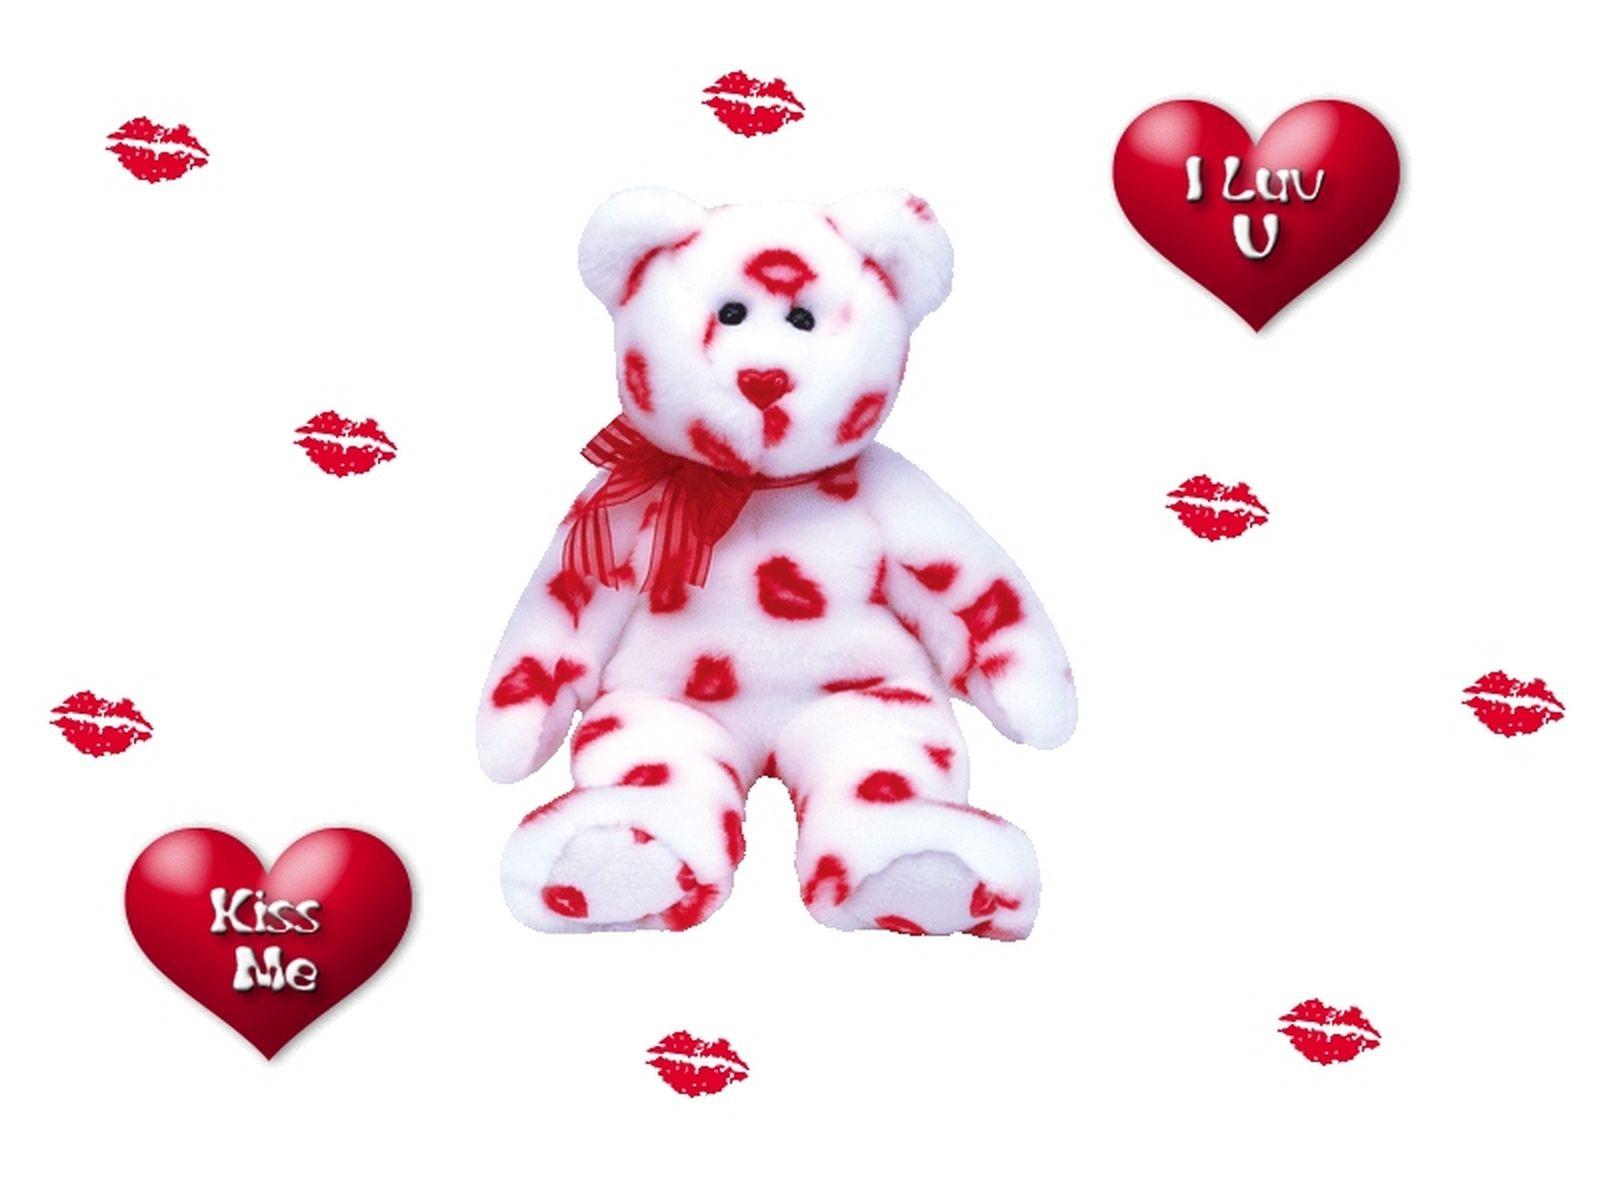 ���� ����� ����� ���� ���� 2014 , ���� ����� valentine's day 2014